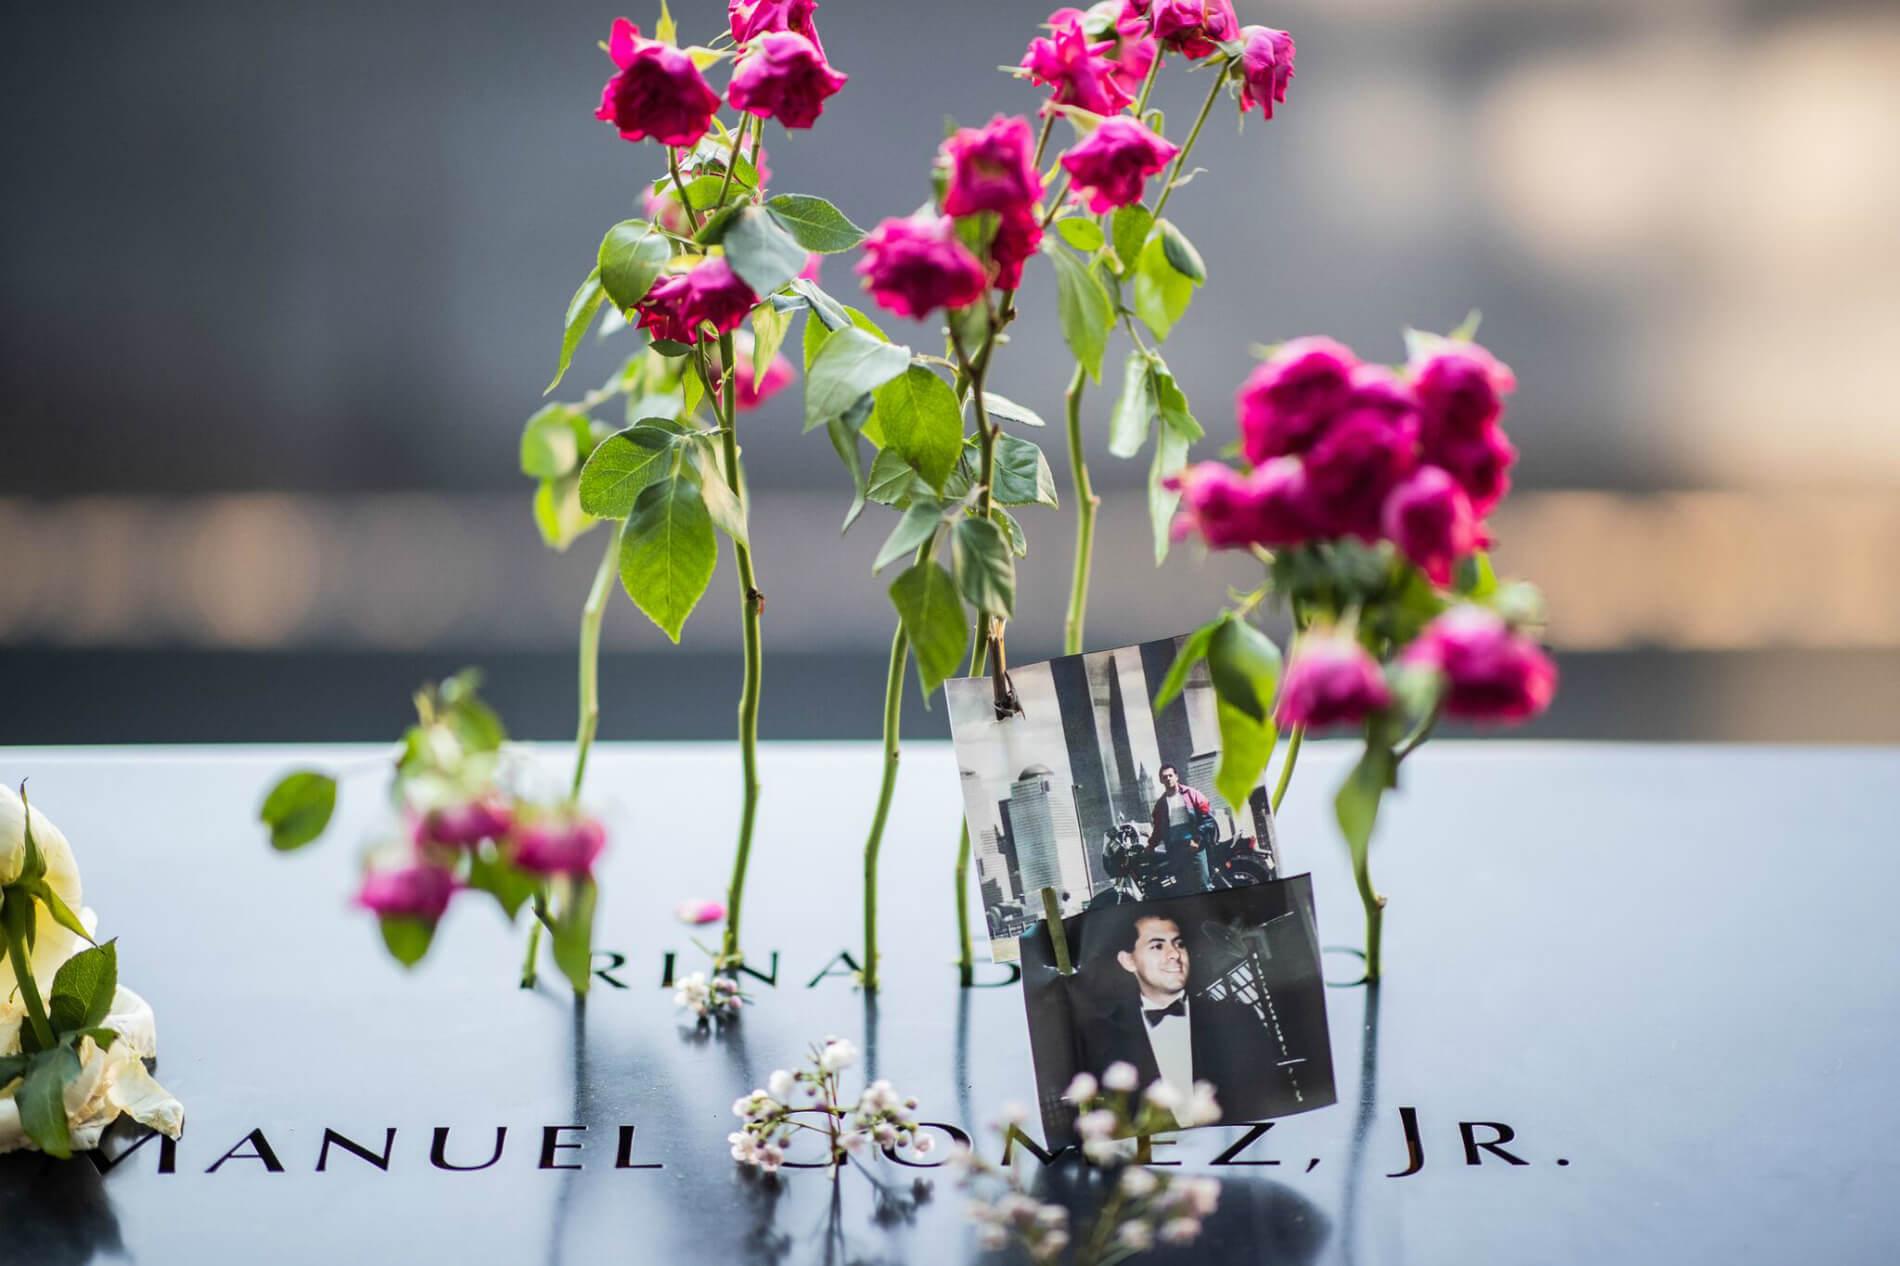 Годовщина 11 сентября в Нью-Йорке: репортаж Евгения Фельдмана